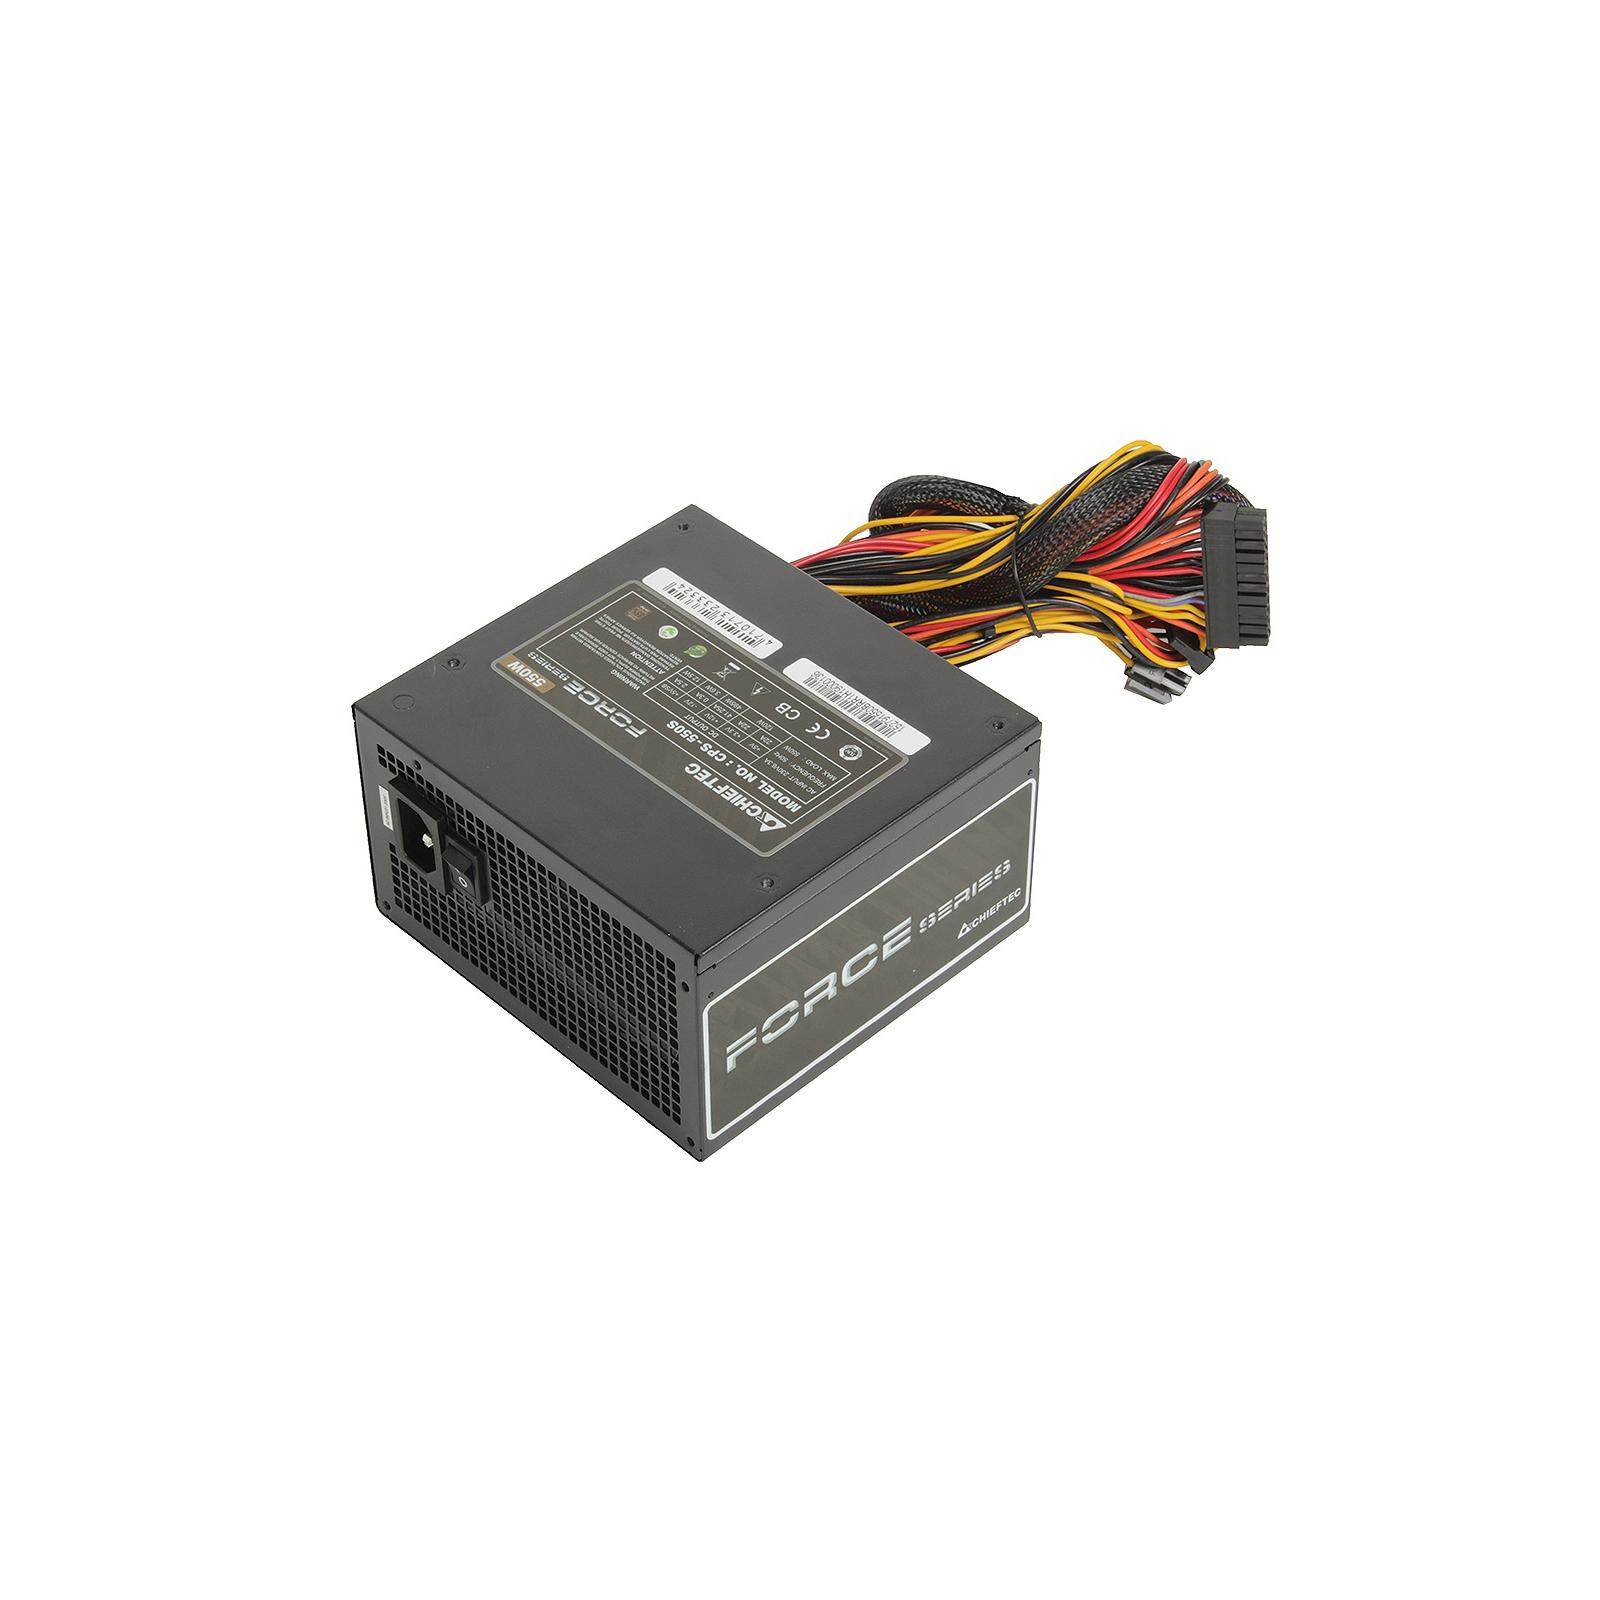 Блок питания CHIEFTEC 550W (CPS-550S) изображение 2